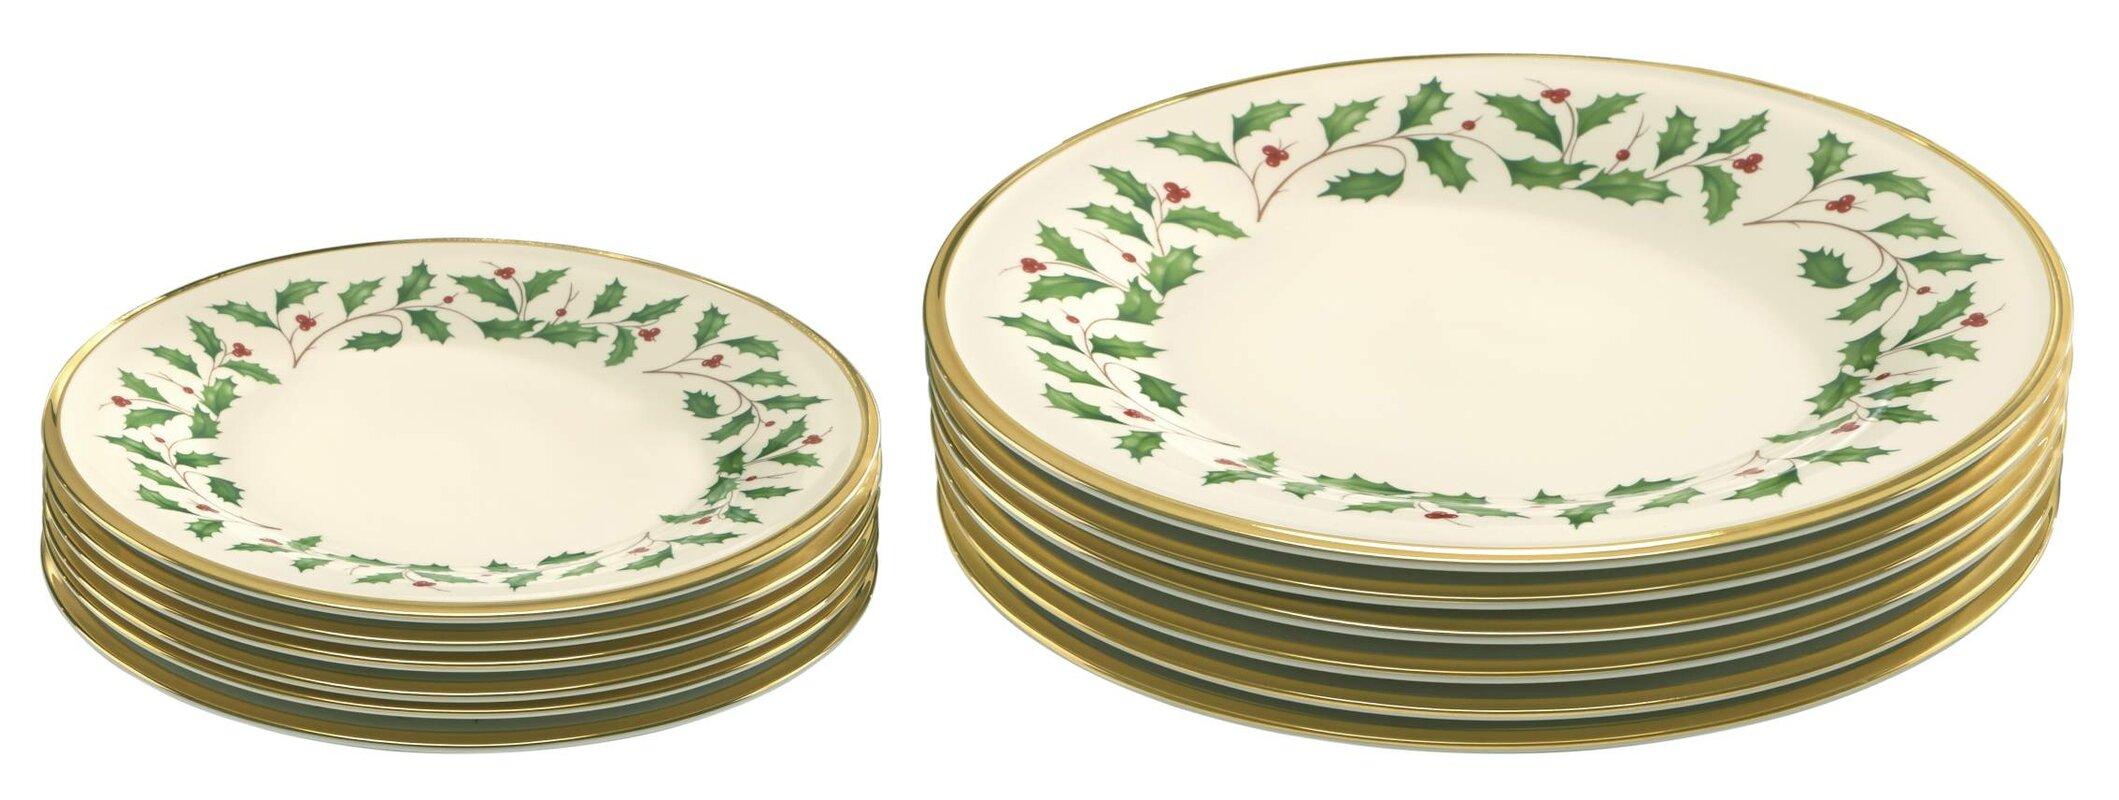 12 Piece Holiday Bone China Plate Set